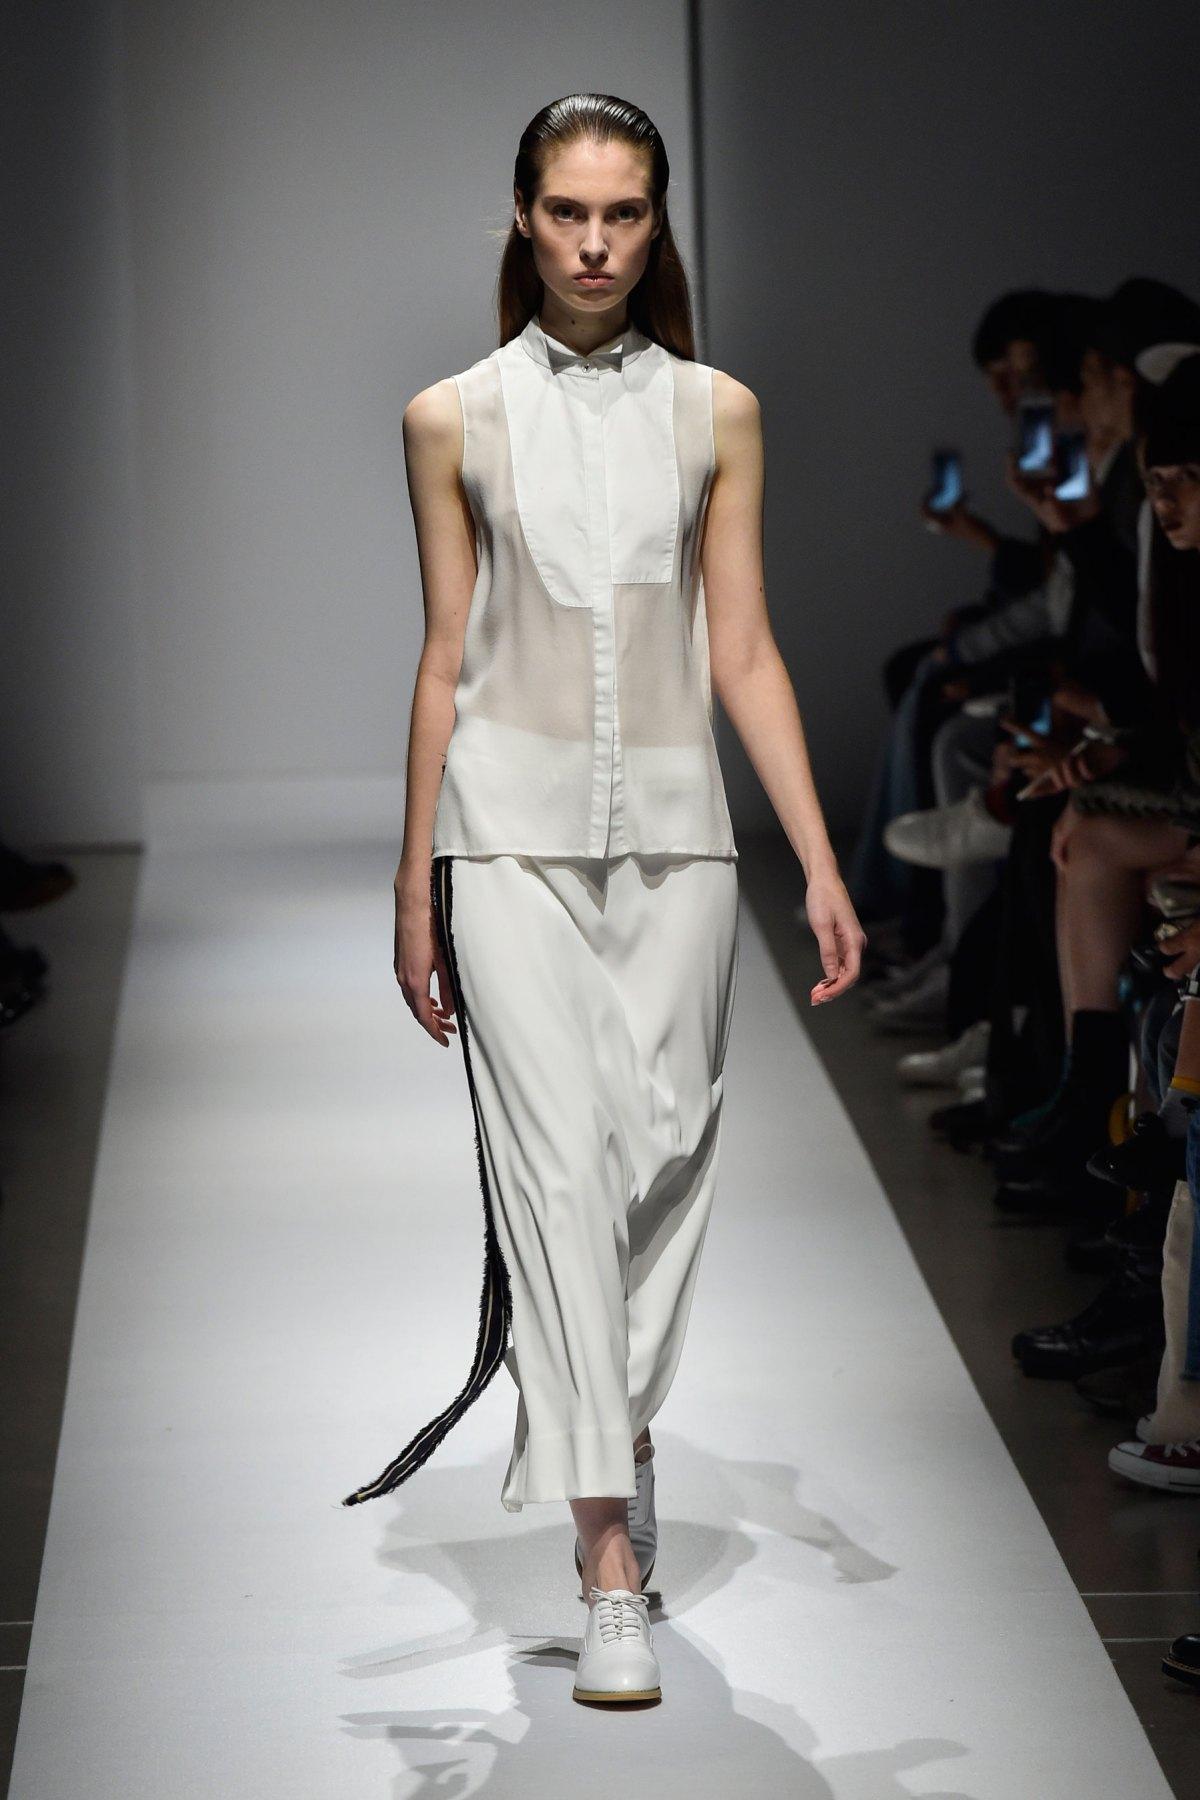 Fashion Hong Kong RS17 0049